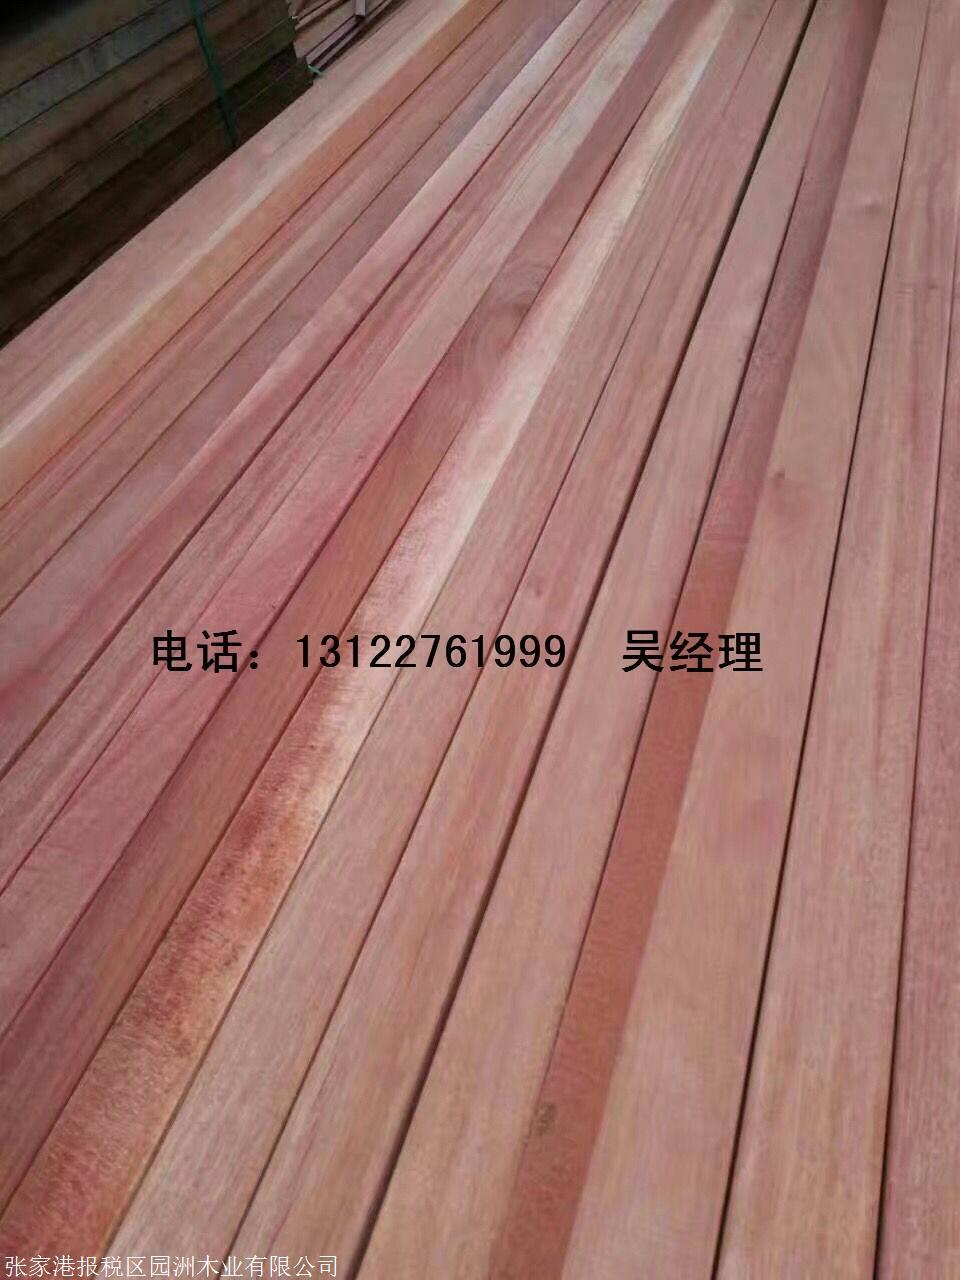 山樟木张家港园洲班级小学生v樟木木业图片